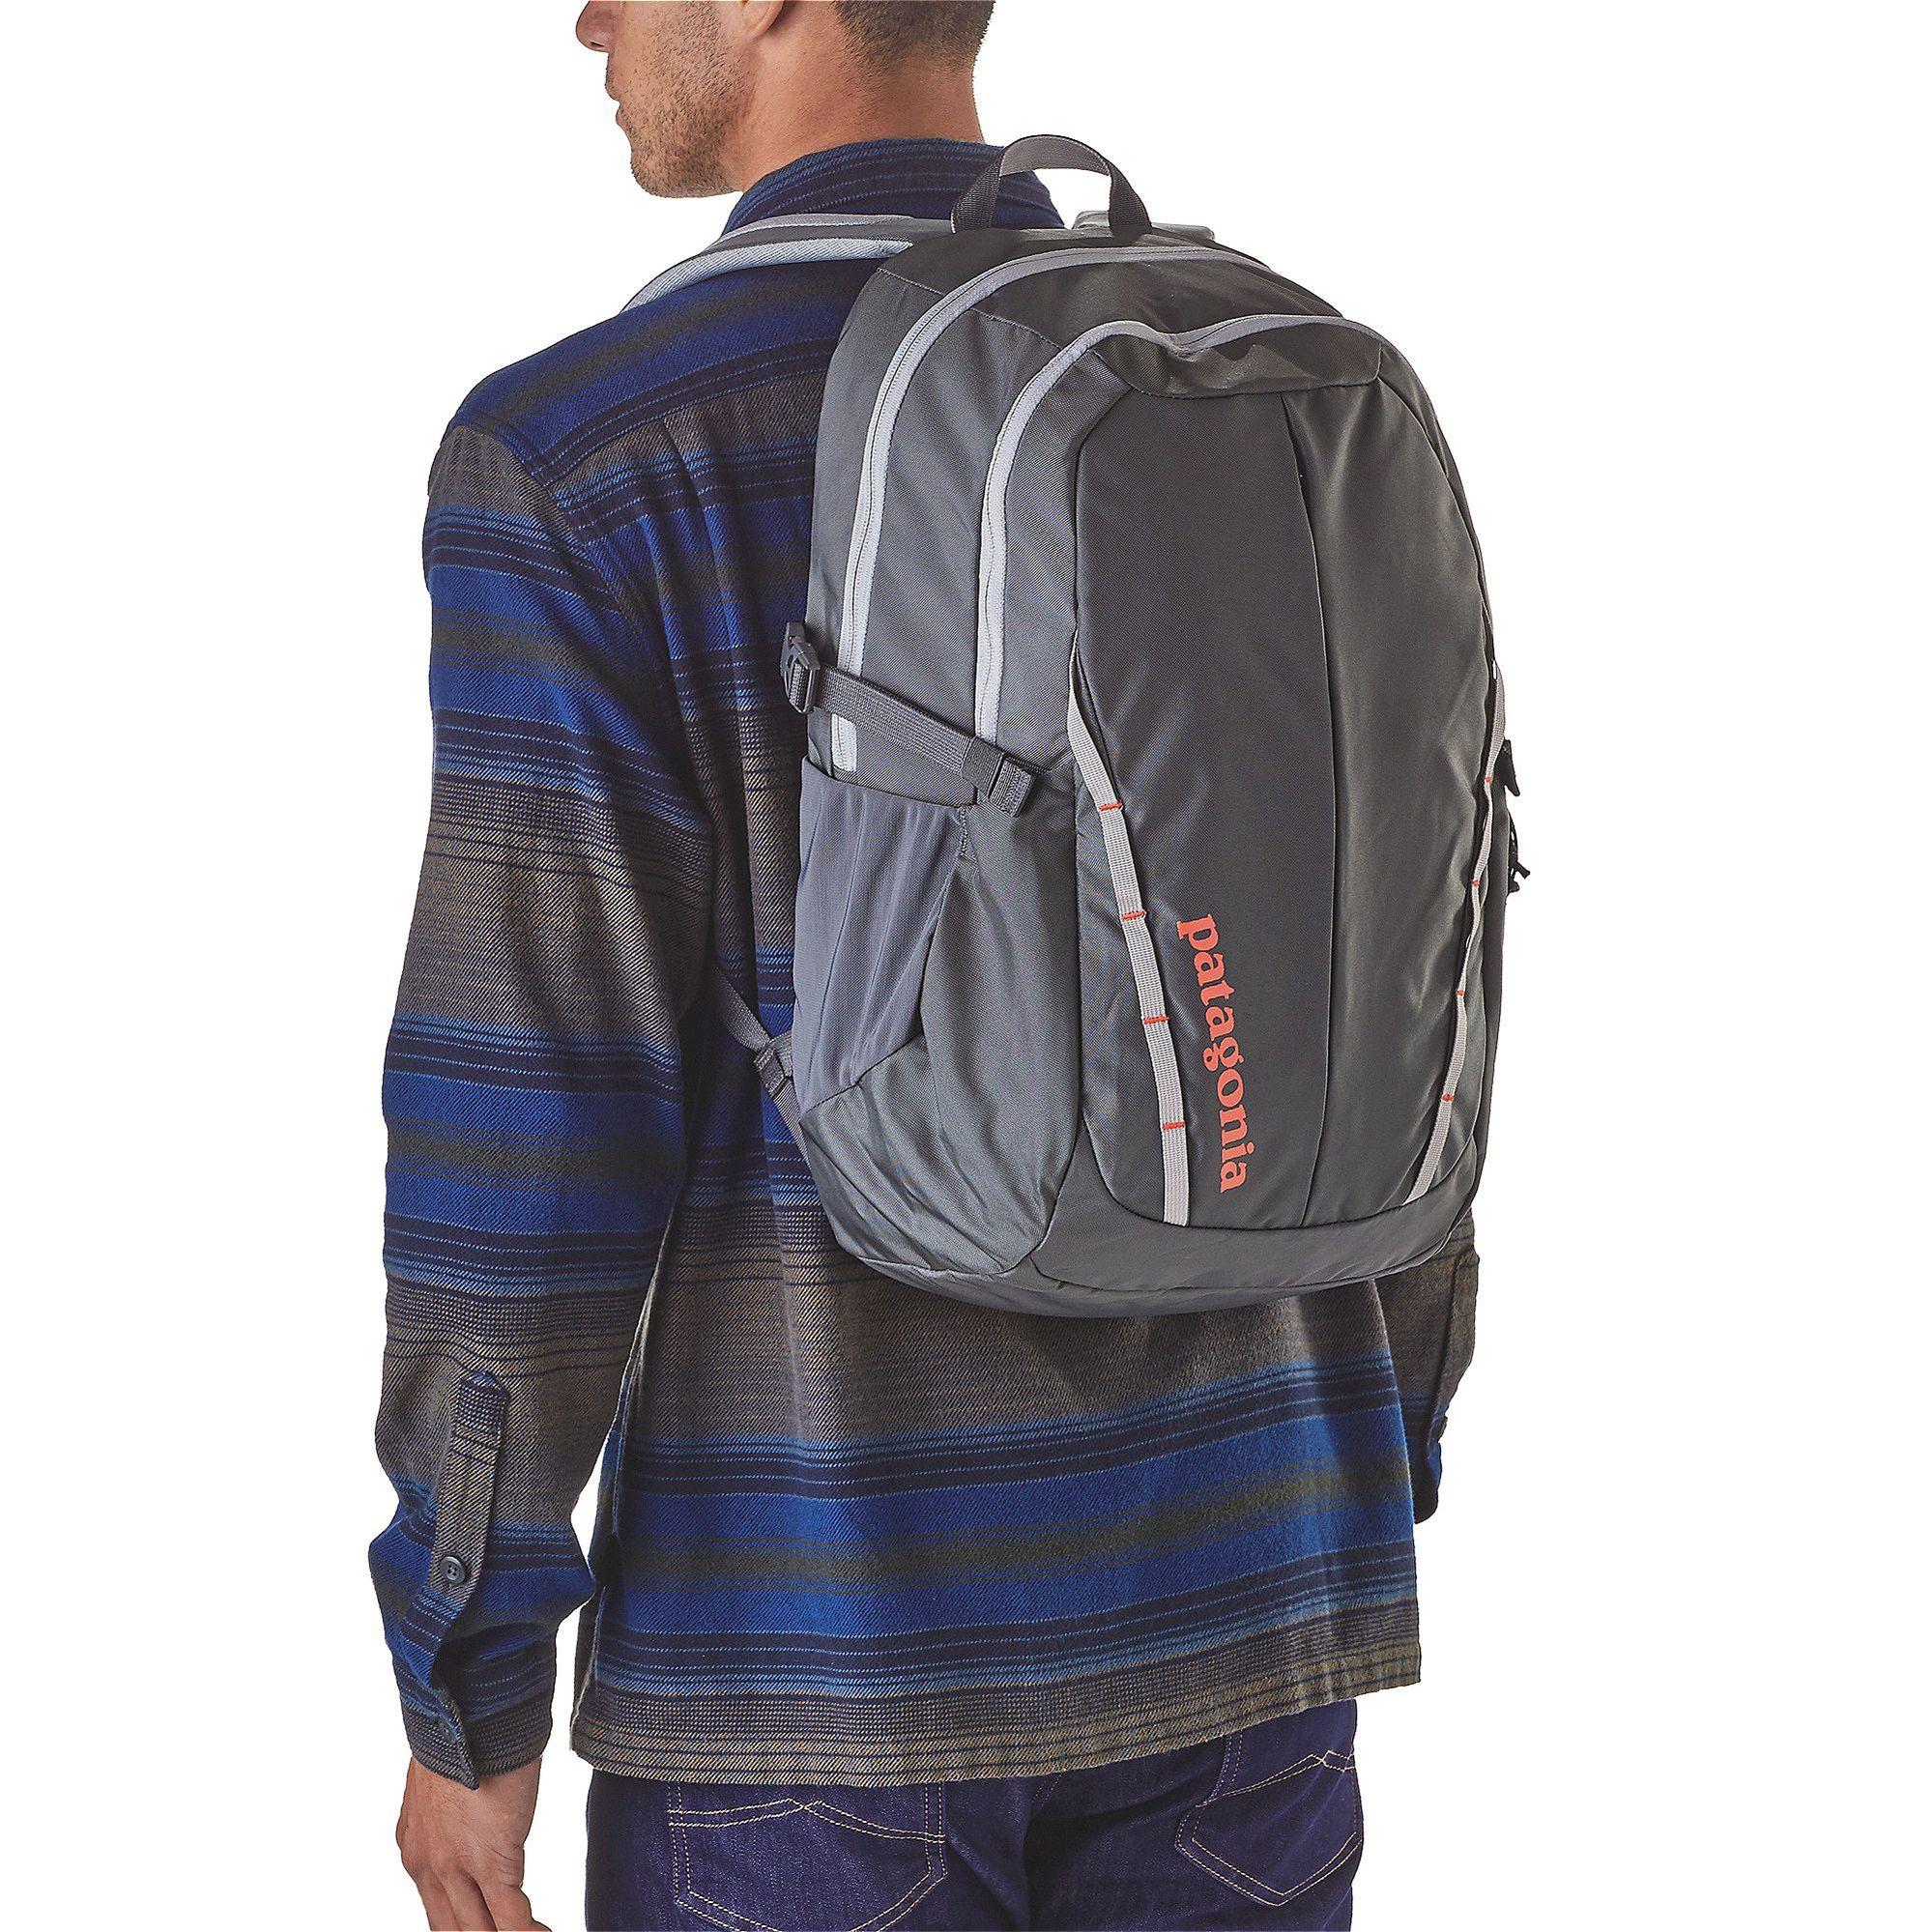 Patagonia Refugio Pack 28 l Forge Grey Refugio je klasický batoh strednej veľkosti ideálny pre každodenné cestovanie.